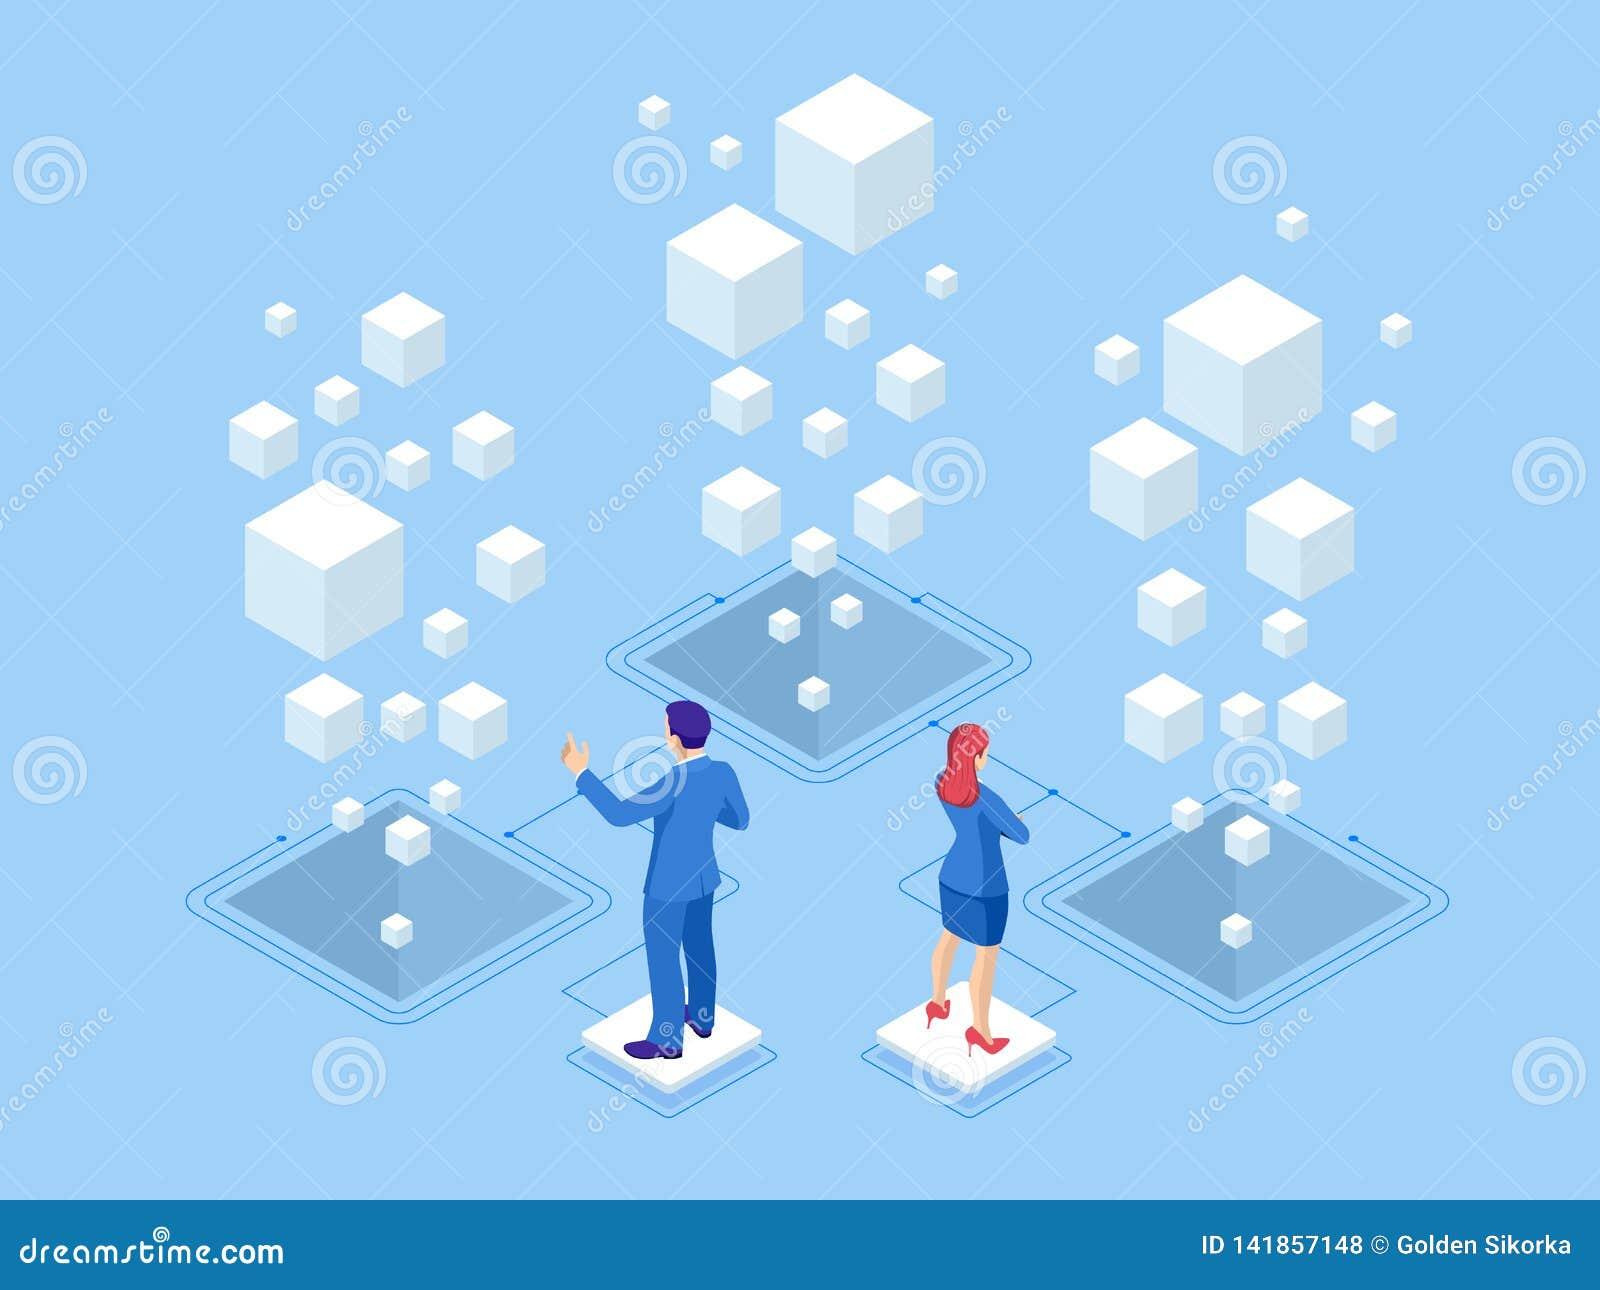 Isometric sieć sztandaru dane statystyk i analizy pojęcie Wektorowe ilustracyjne biznesowe analityka, dane unaocznienie